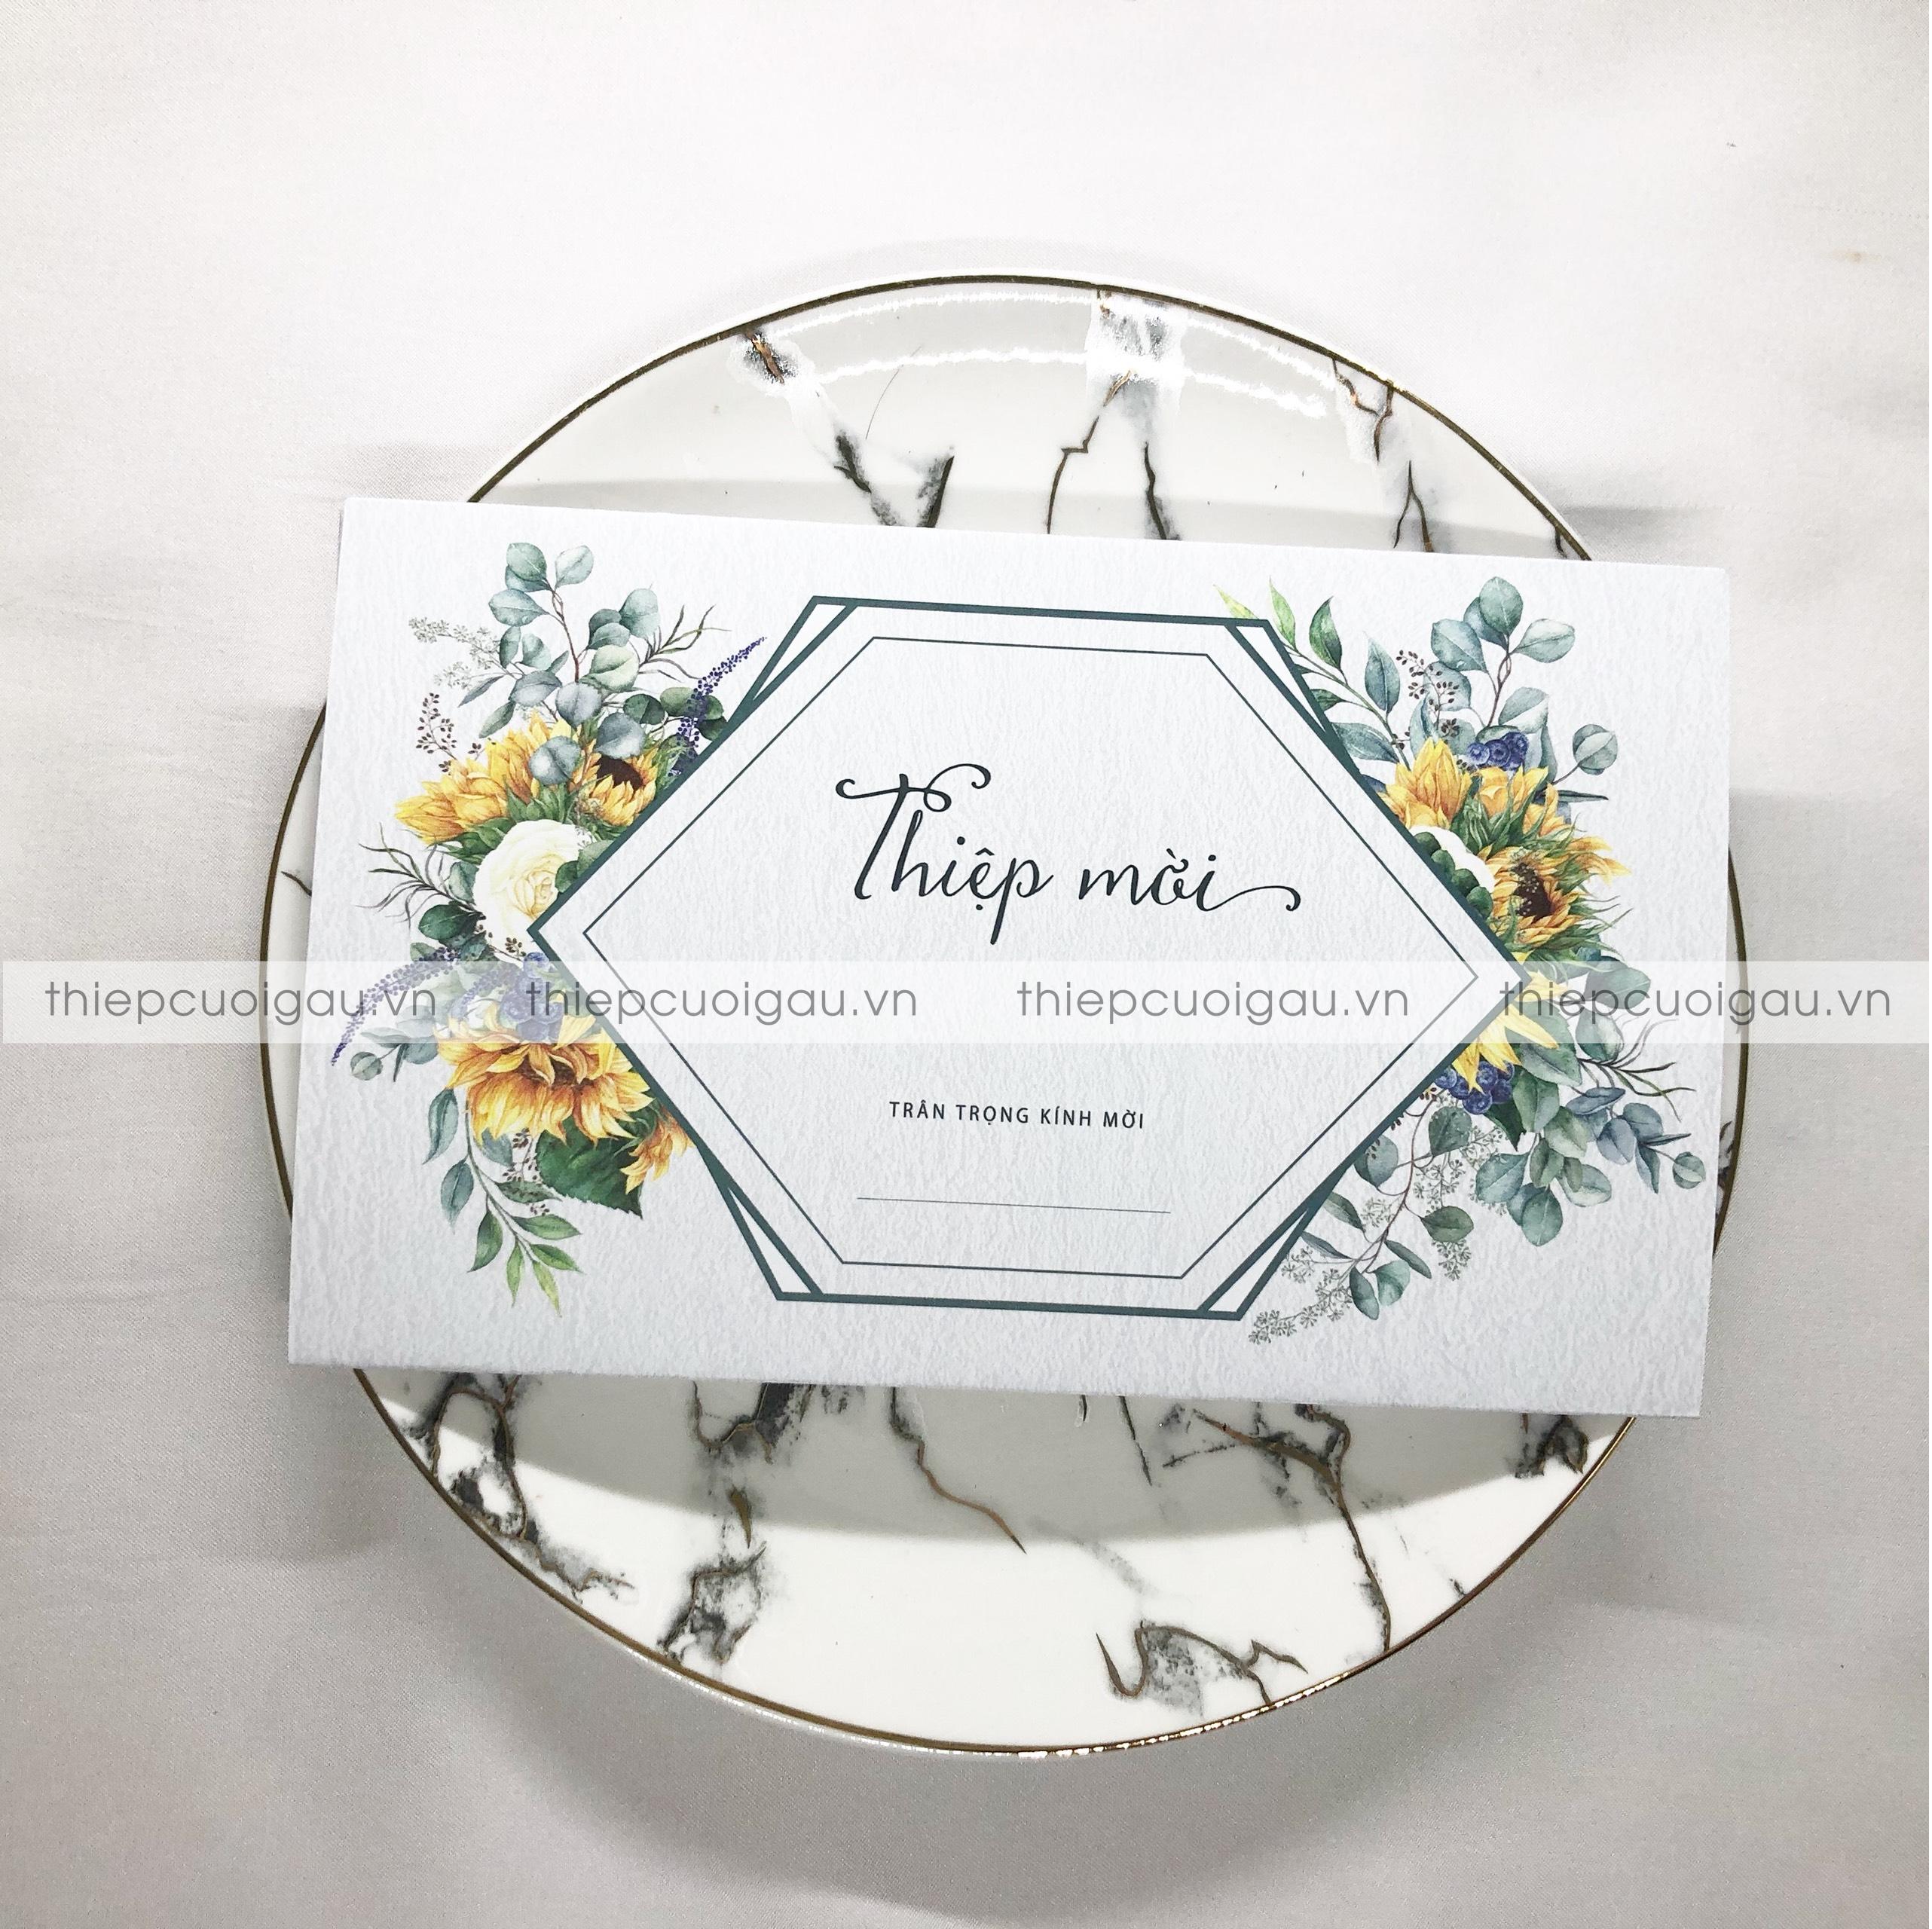 Thiệp cưới B070